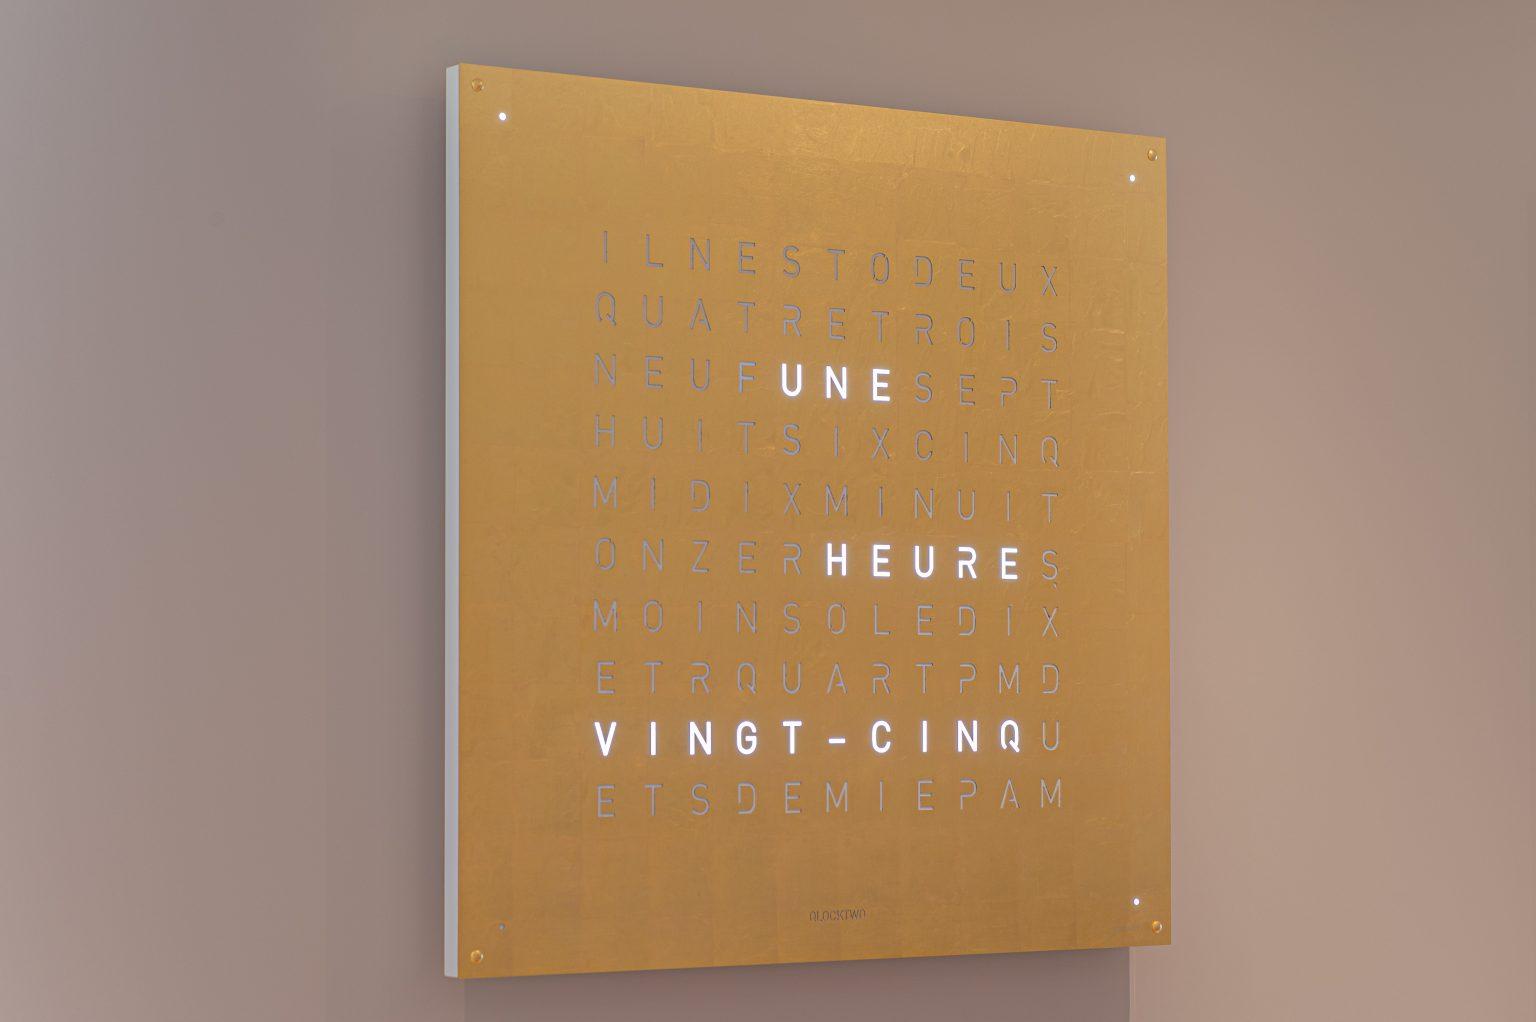 Projet les Eaux Vives (Suisse)